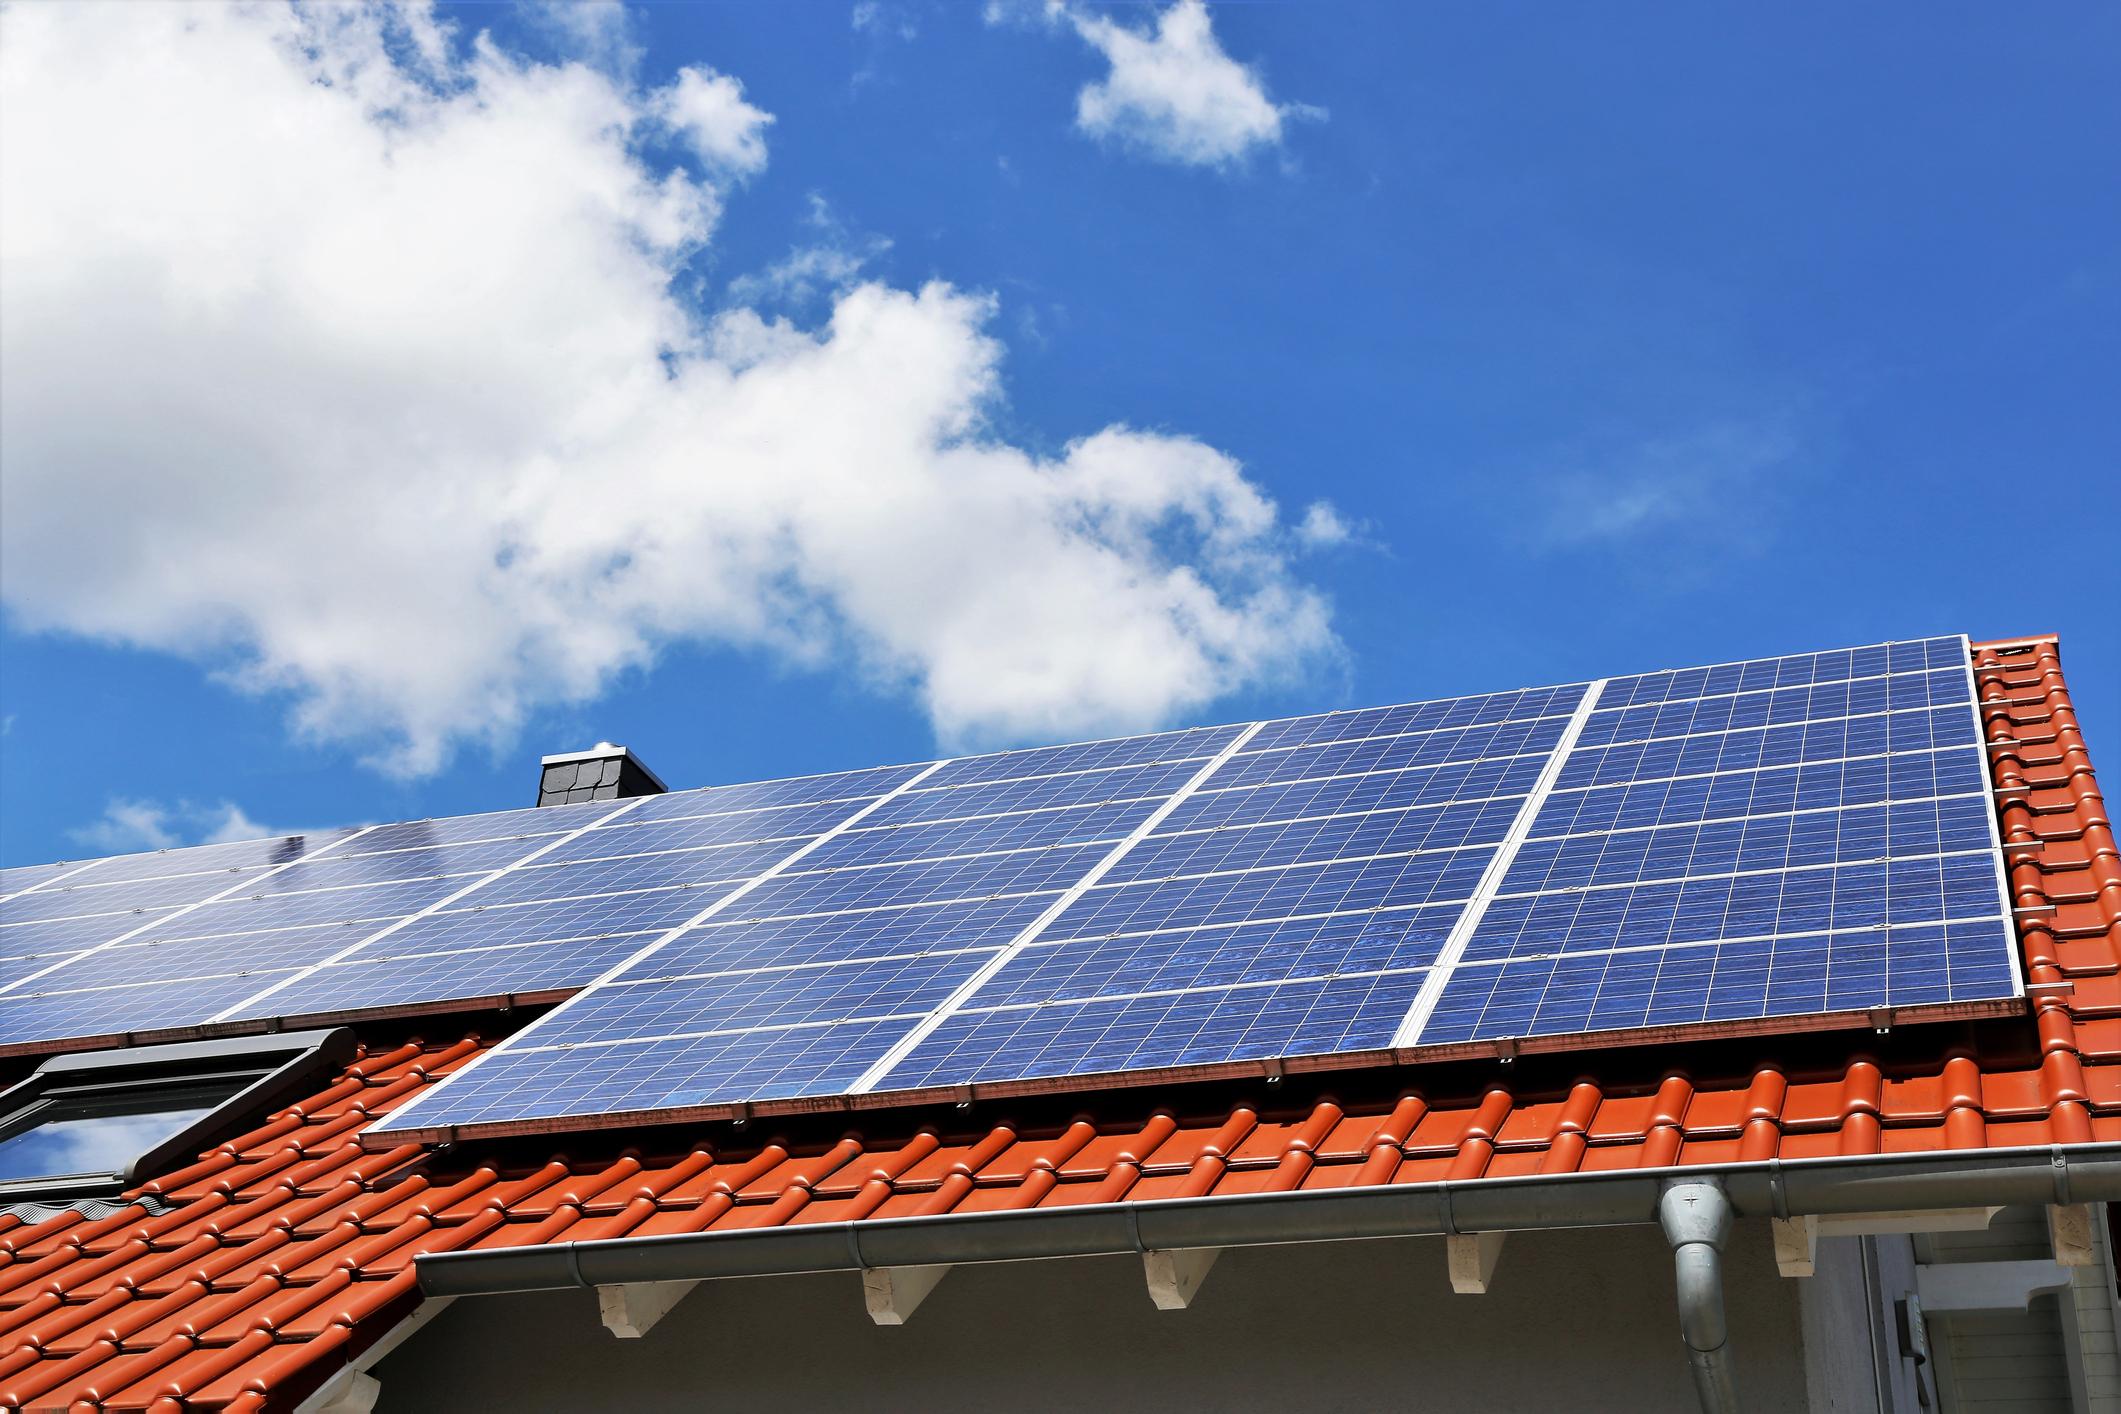 Combinaison batterie domestique de stockage et panneaux photovoltaïques Energreen